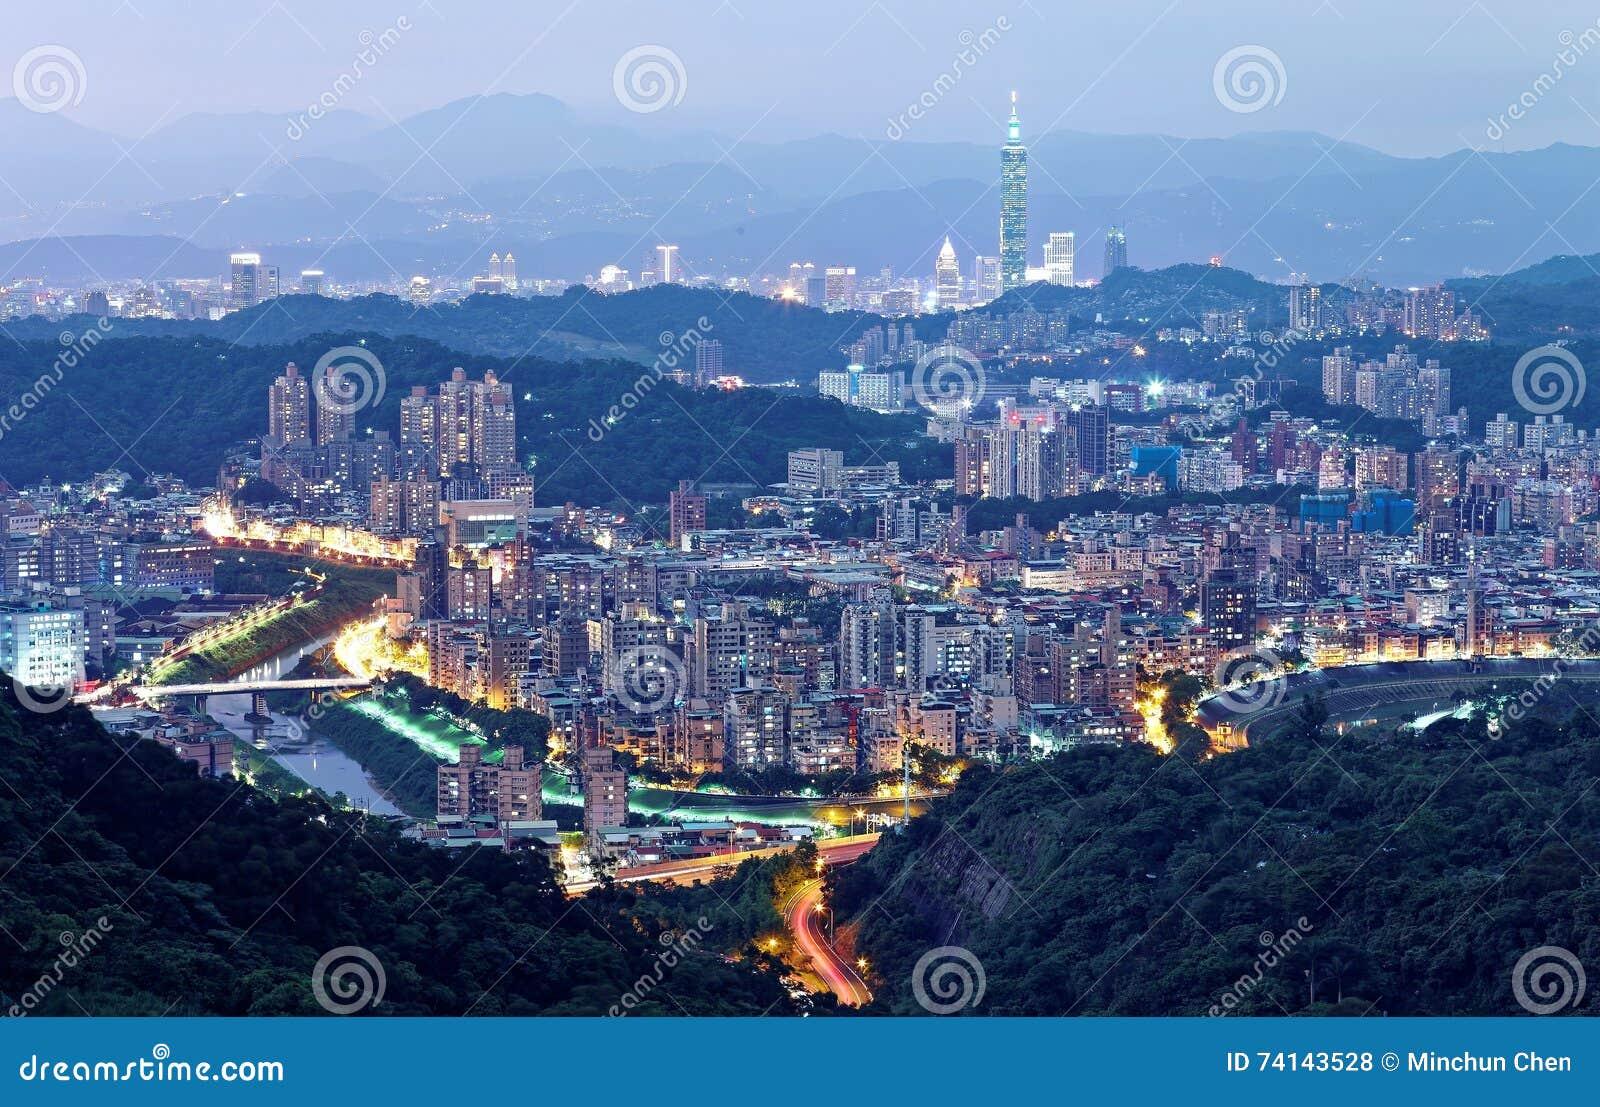 Εναέριο πανόραμα των overpopulated προαστιακών κοινοτήτων στη Ταϊπέι στο σούρουπο με την άποψη της Ταϊπέι 101 πύργος σε στο κέντρ